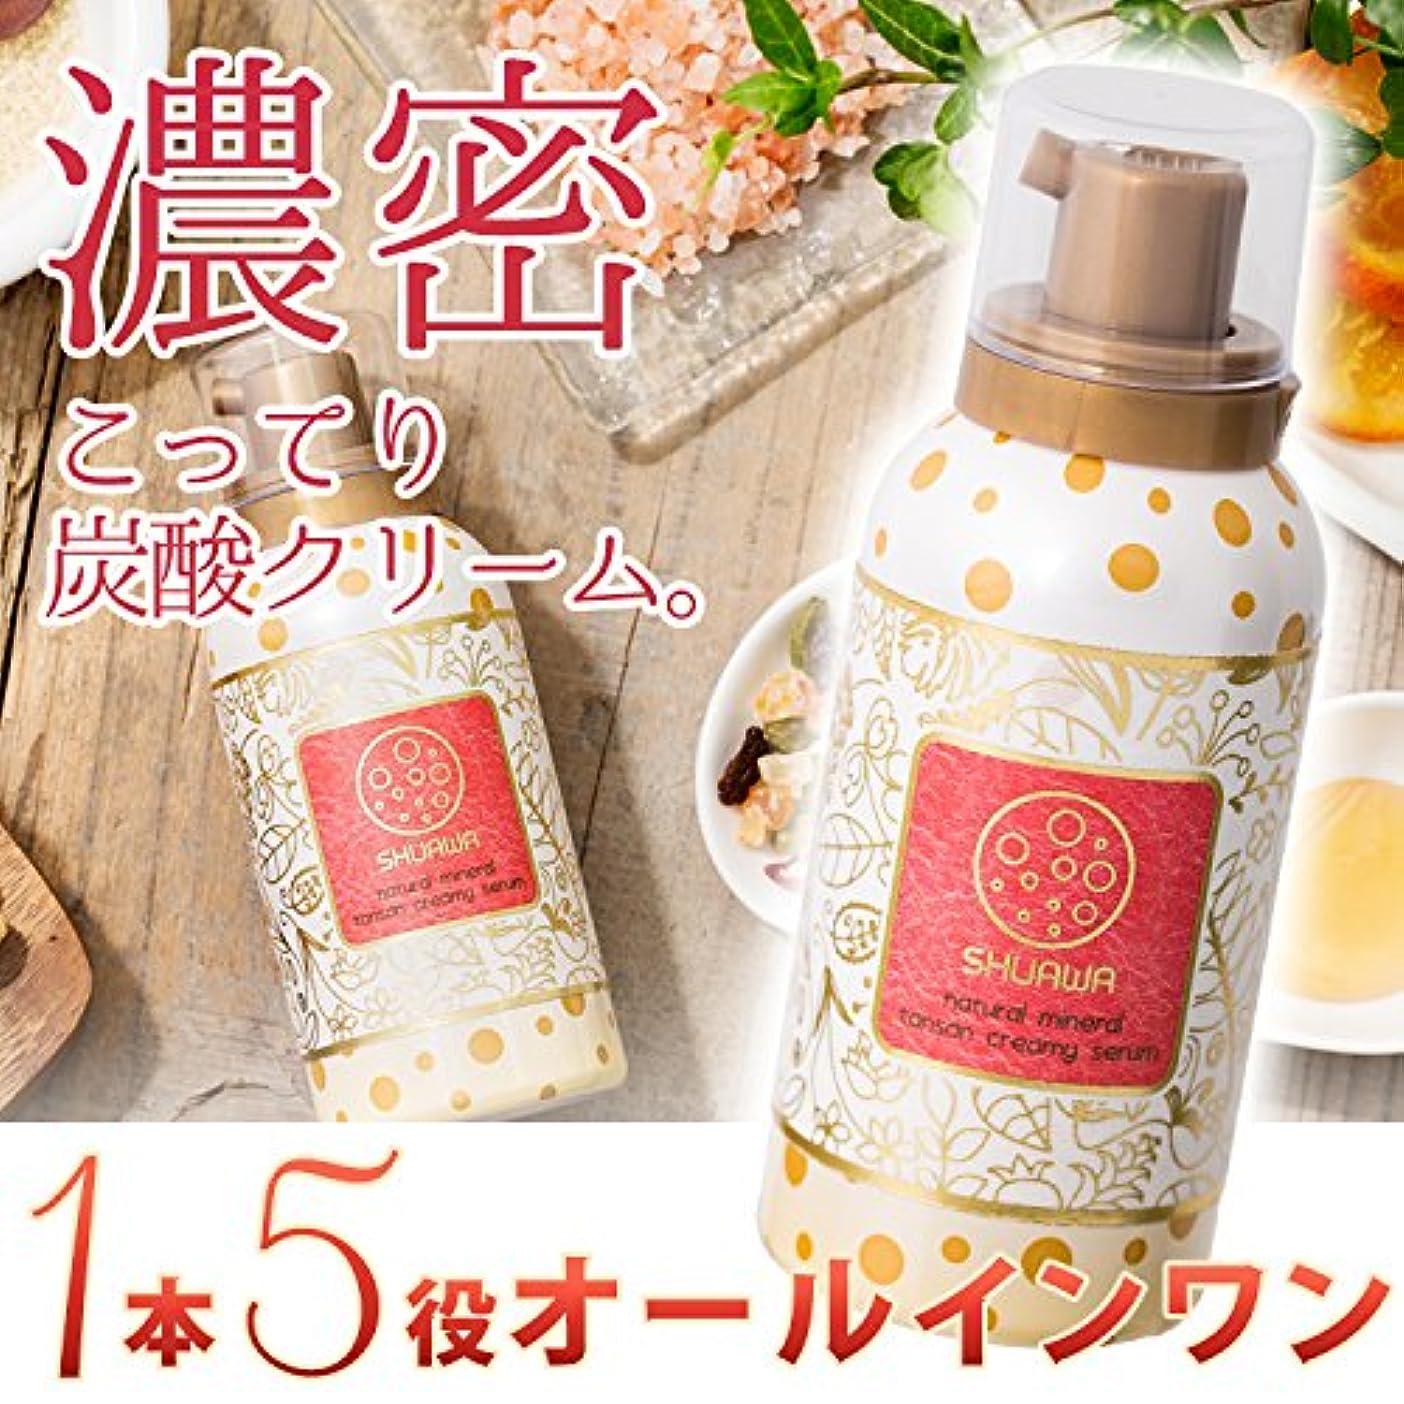 亡命コマンド年SHUAWA ミネラル炭酸くりーむ美容液 100g